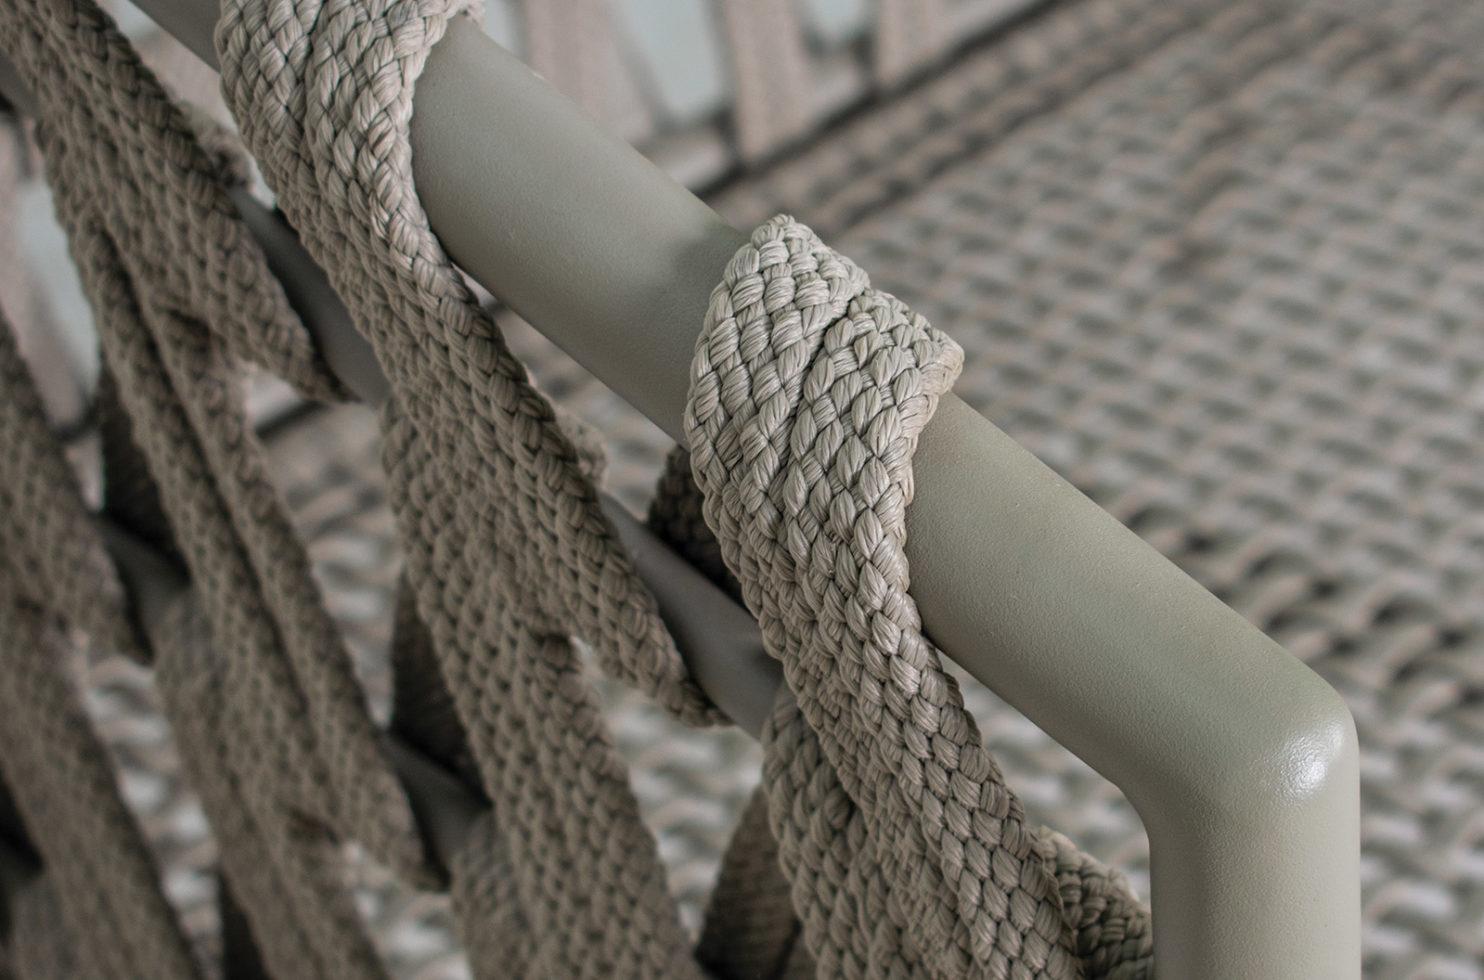 Archipelago andaman sofa 620FT066P2LGT frame dtl3